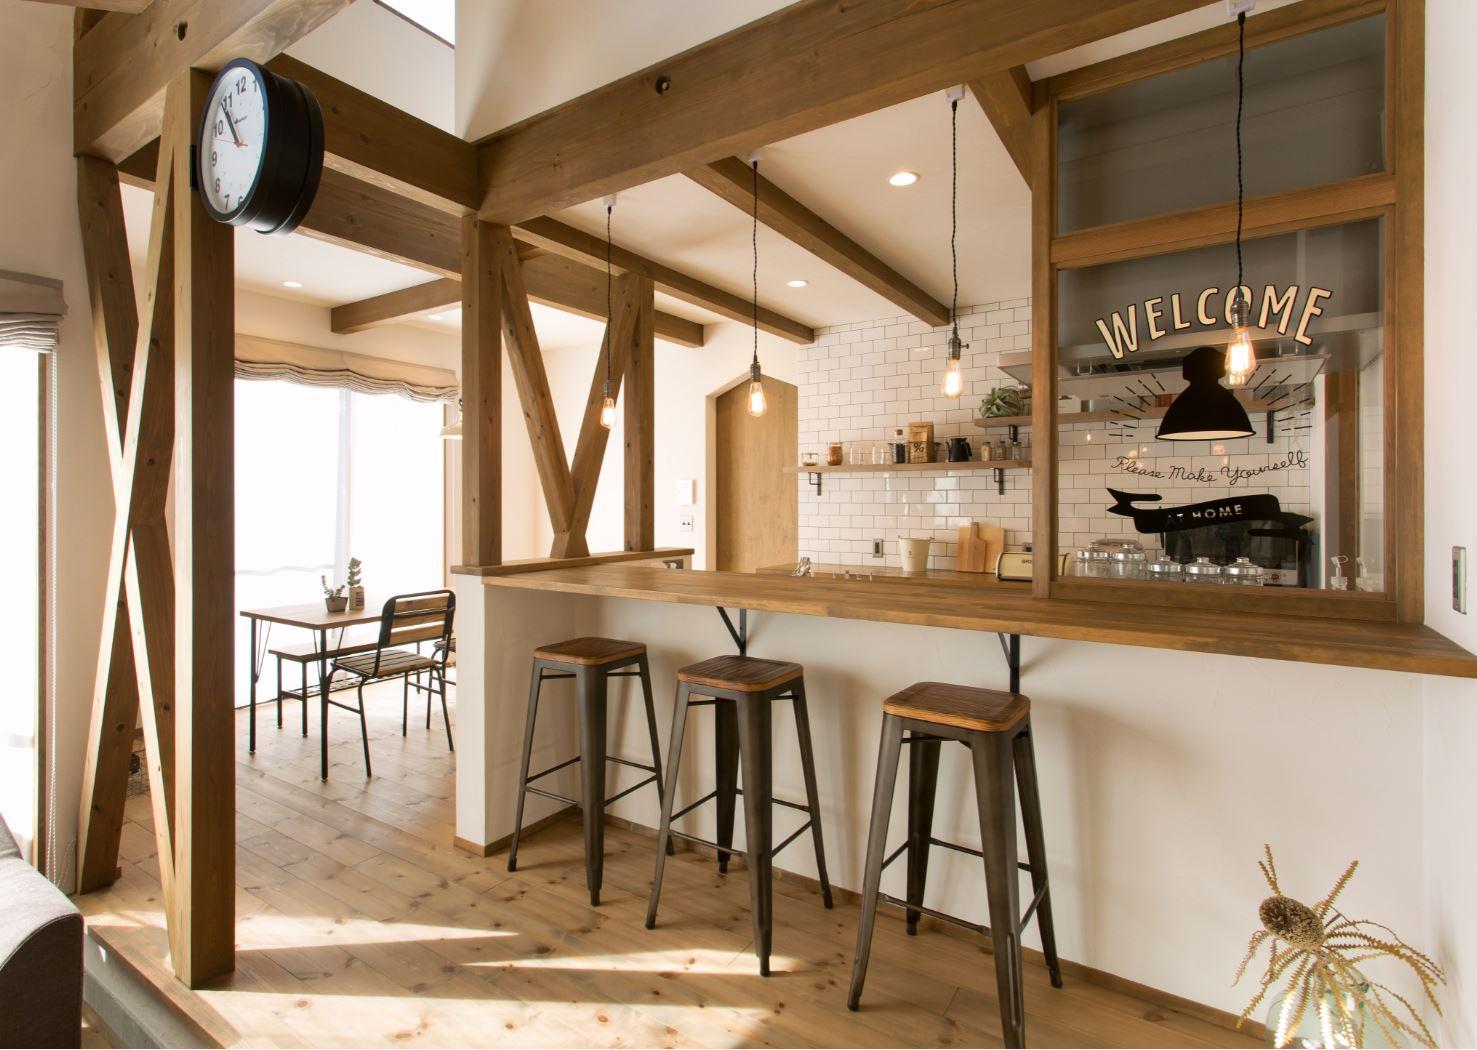 リビング、キッチン、ダイニングをL字型でつないだLDKは家族みんなのお気に入り。キッチンカウンターはお子さんが宿題をしたり、ご主人がお酒を飲んだり、朝食を食べる場所として活躍するそう。キッチン上部には中2階のロフトがある